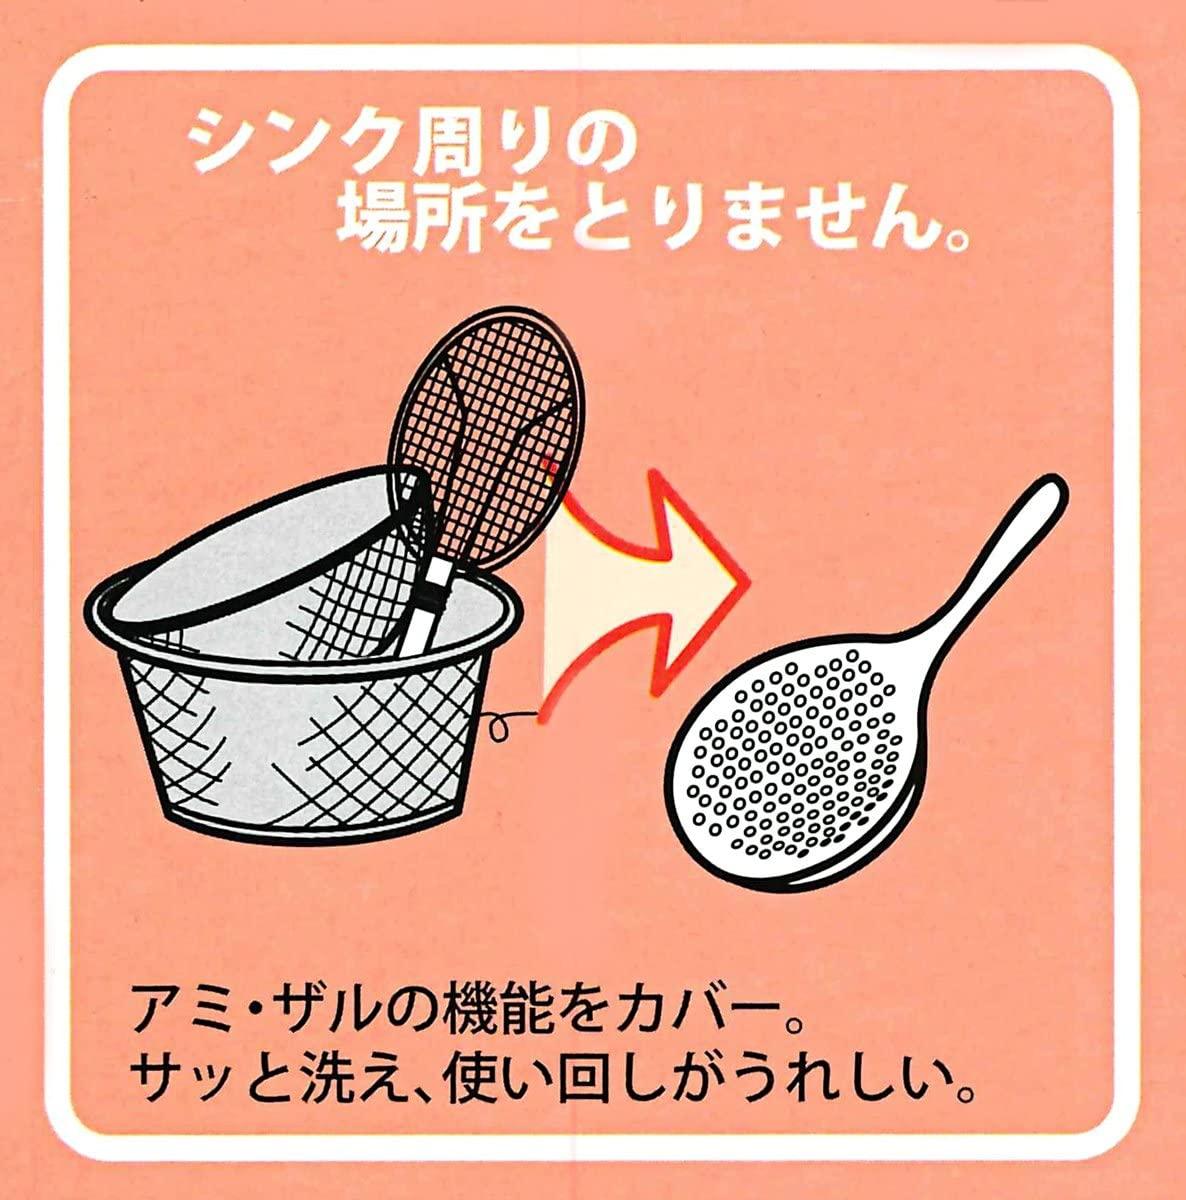 ののじ 穴明きオタモの商品画像3